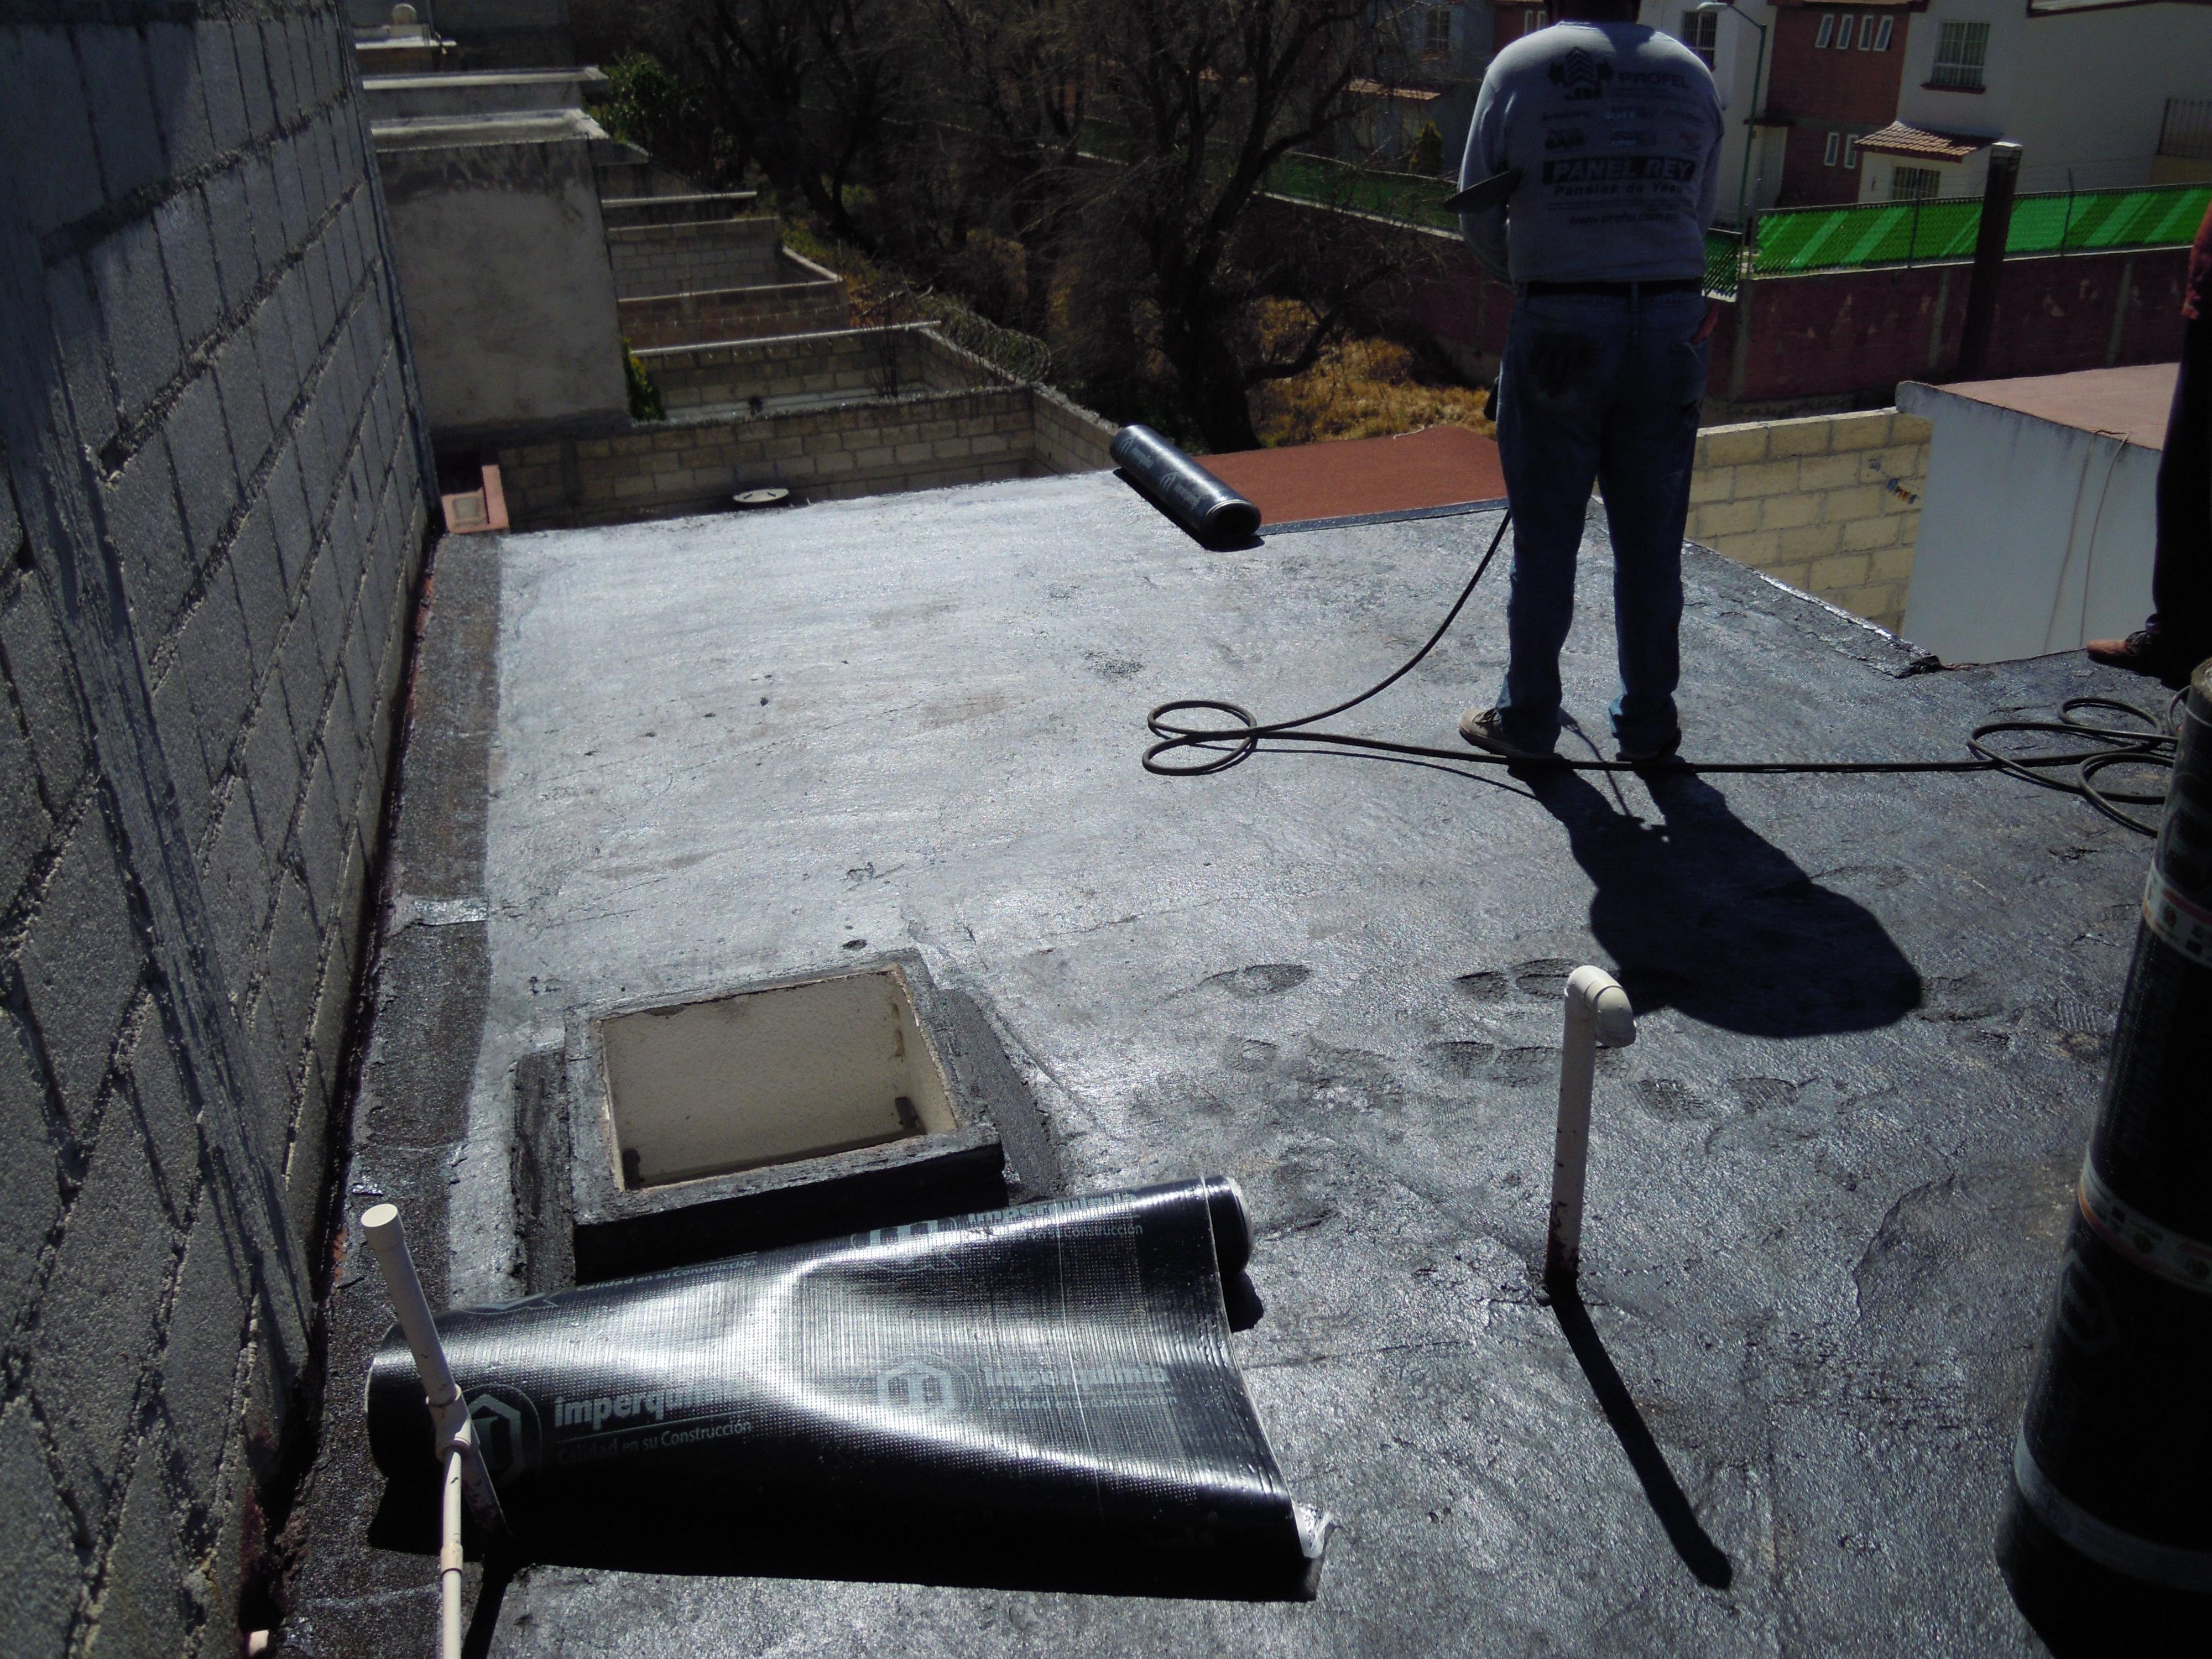 Impermeabilización casa con humedad 1 (2)